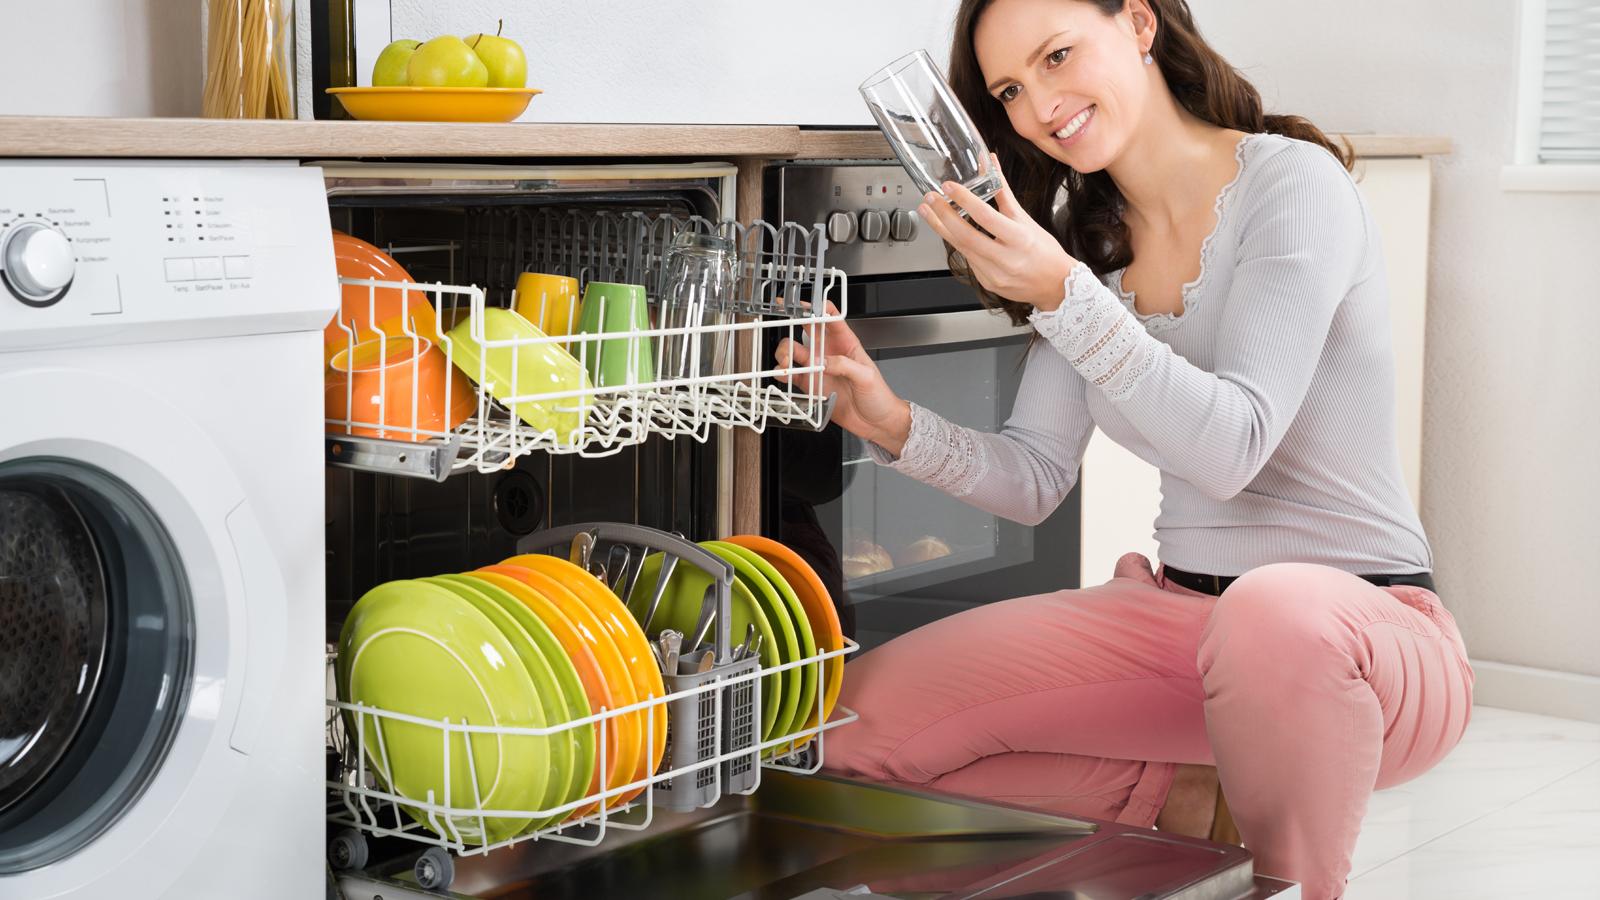 Feste e piatti sporchi come risparmiare tempo a lavarli for Cucinare nella lavastoviglie